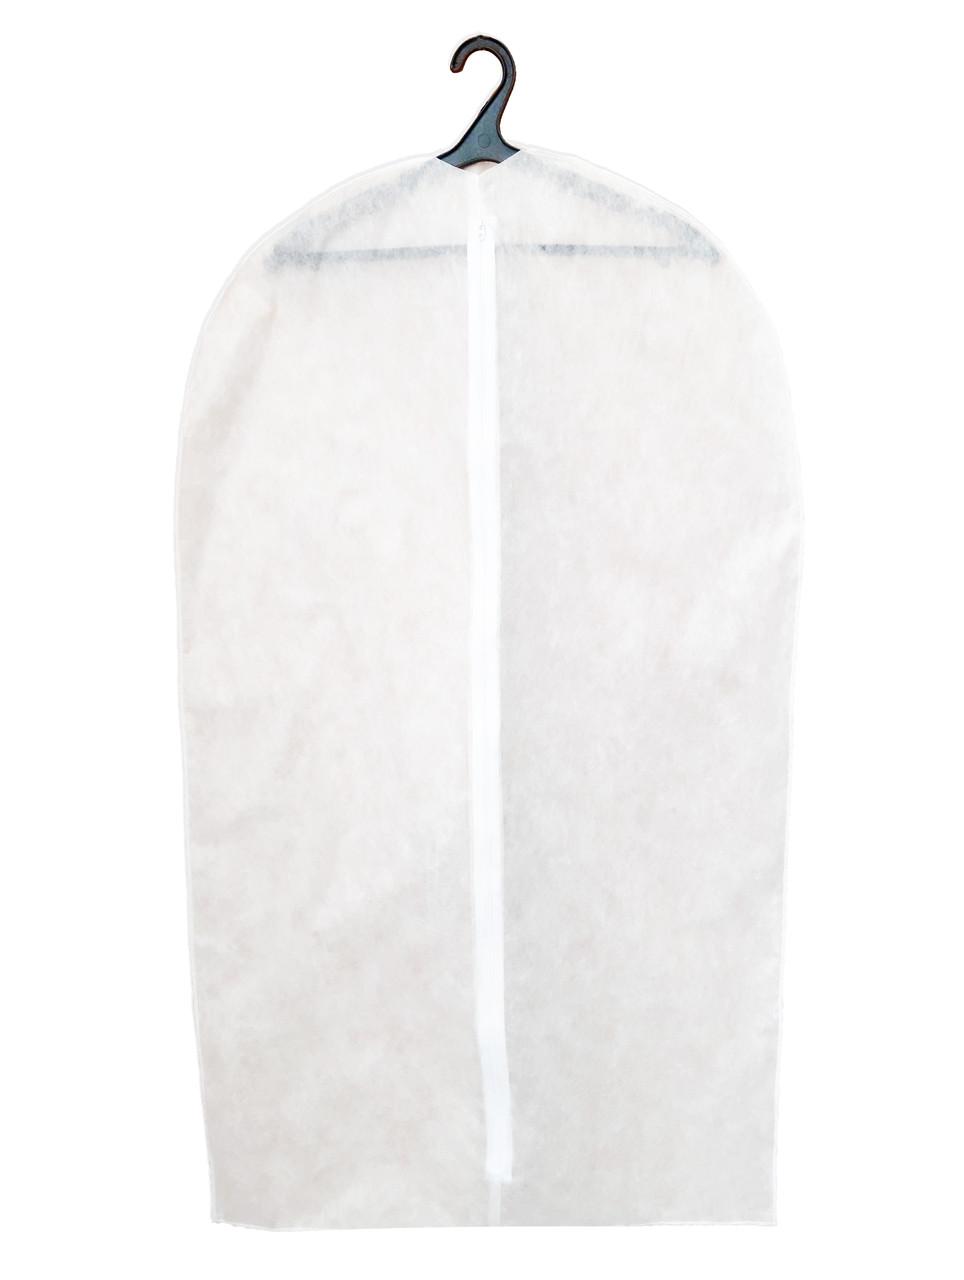 Чохол для одягу на блискавці 68 х 120 см